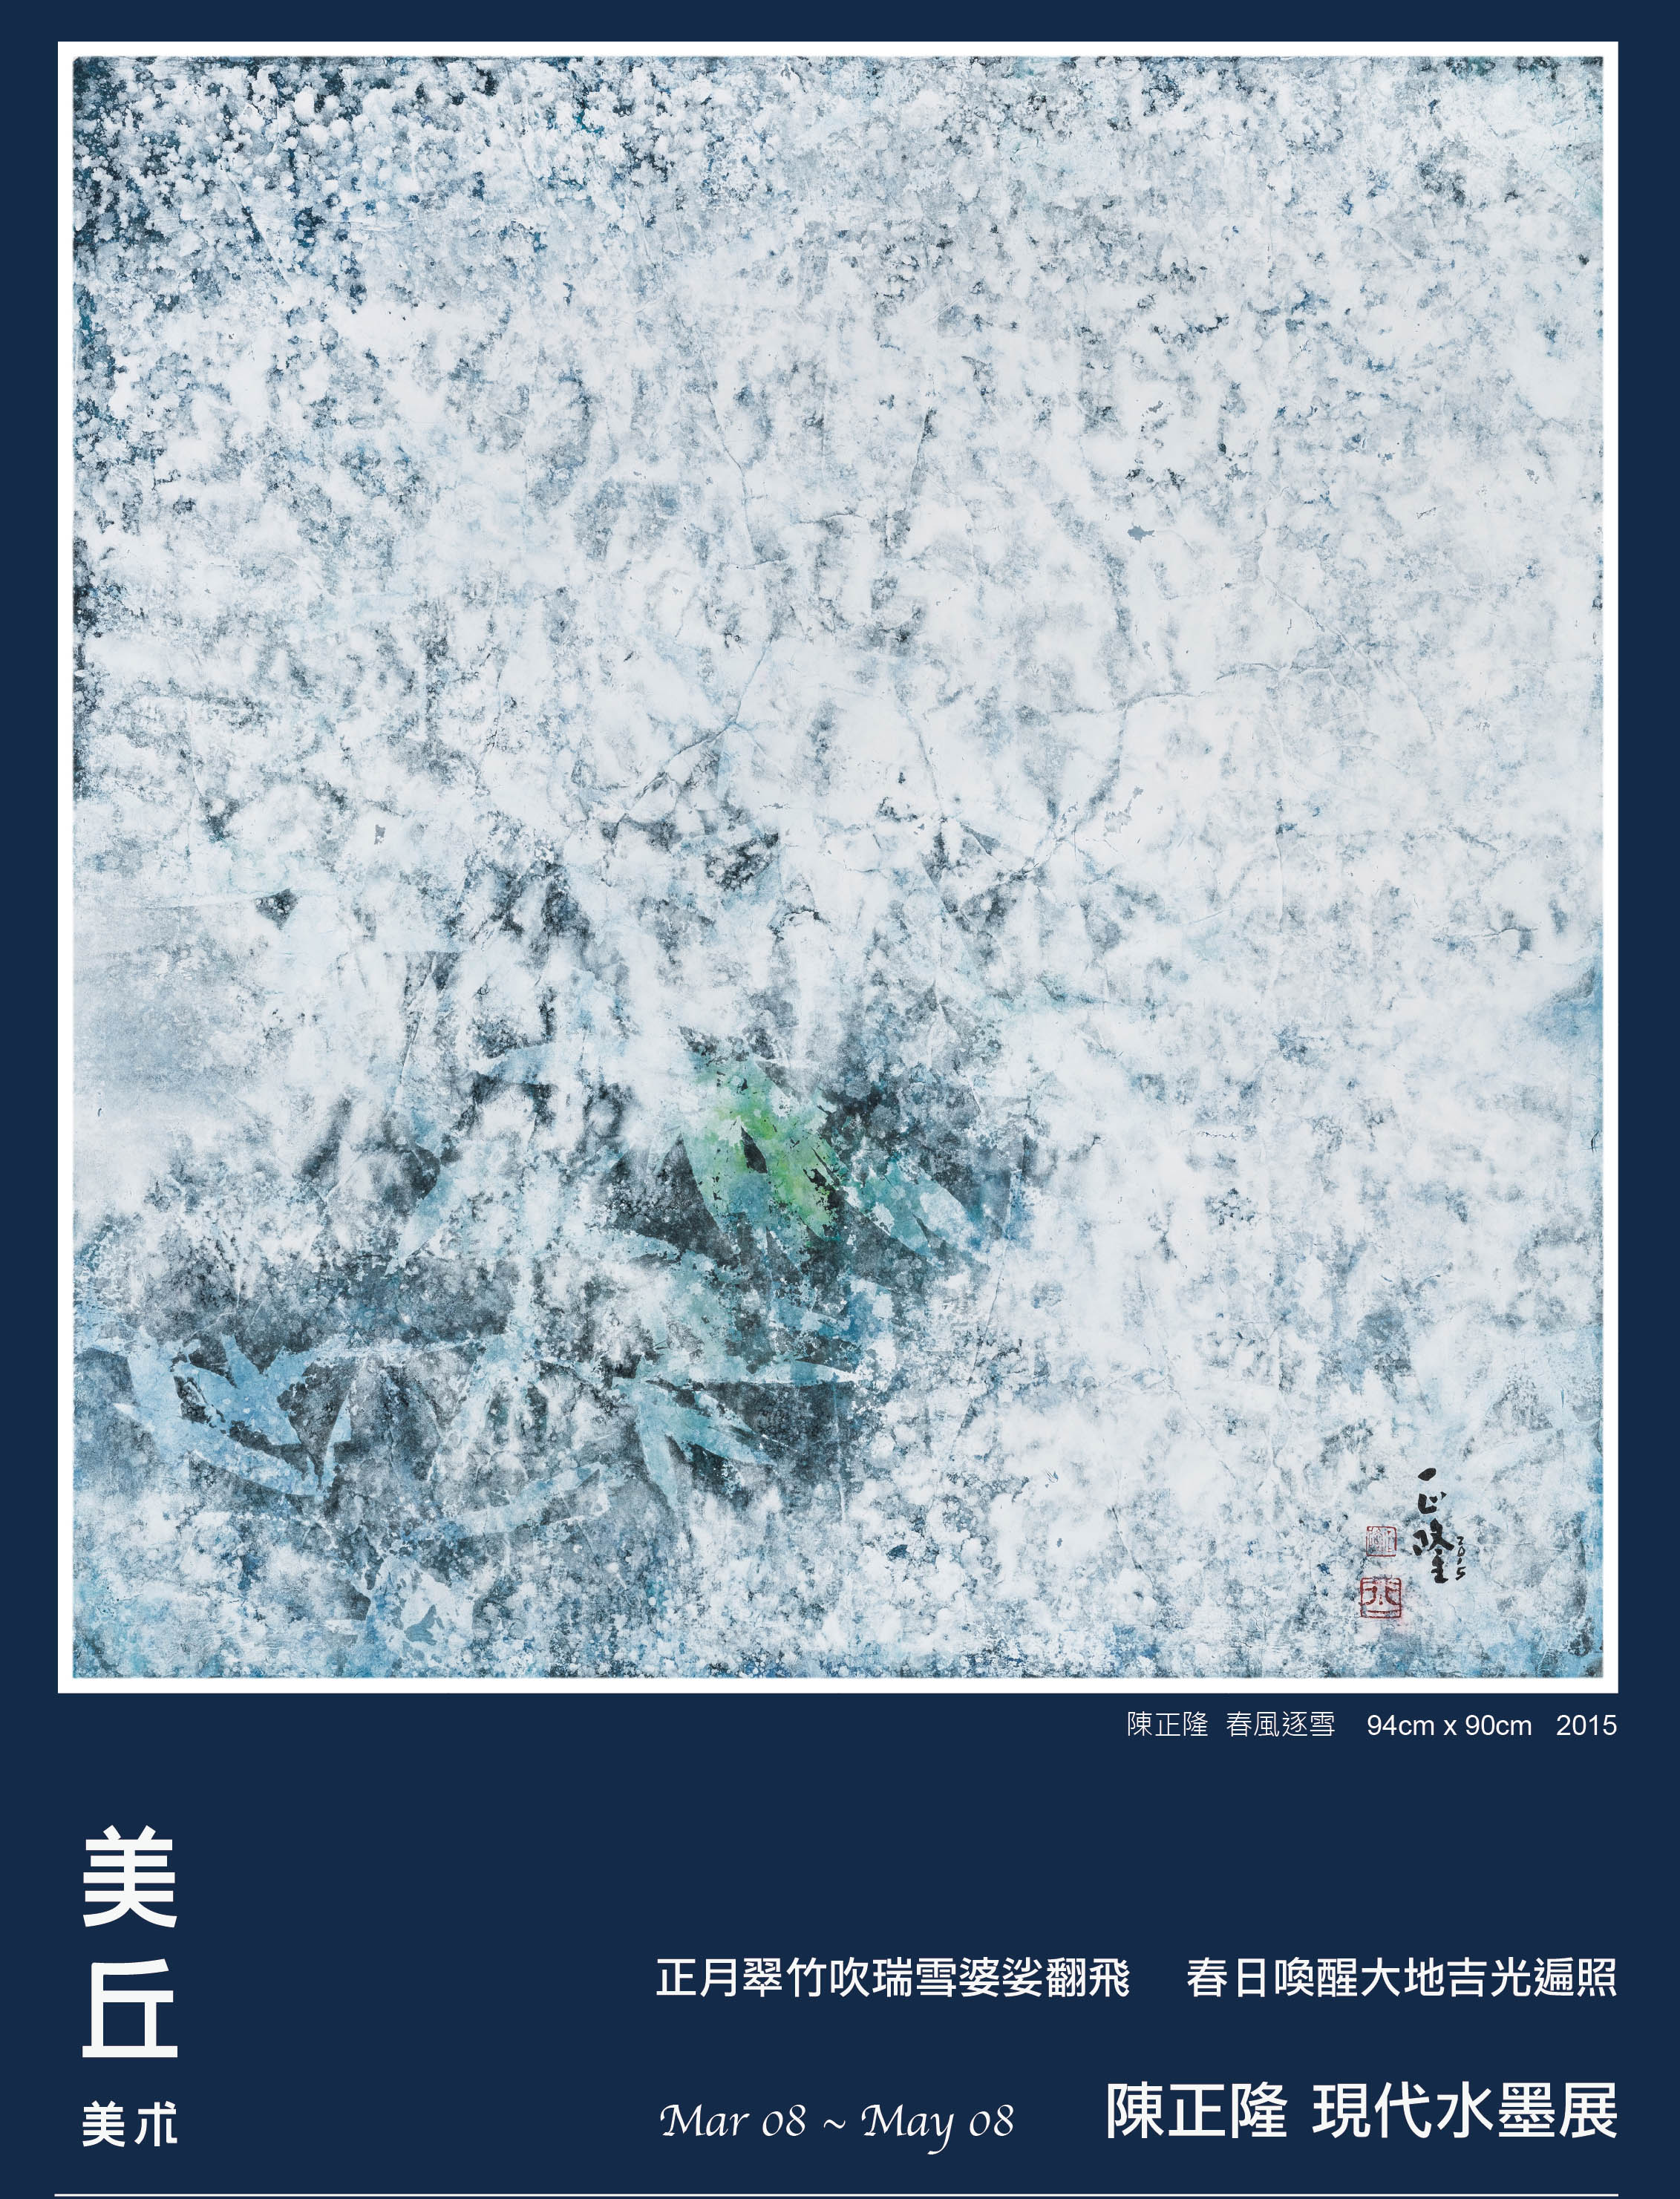 『春風逐雪』